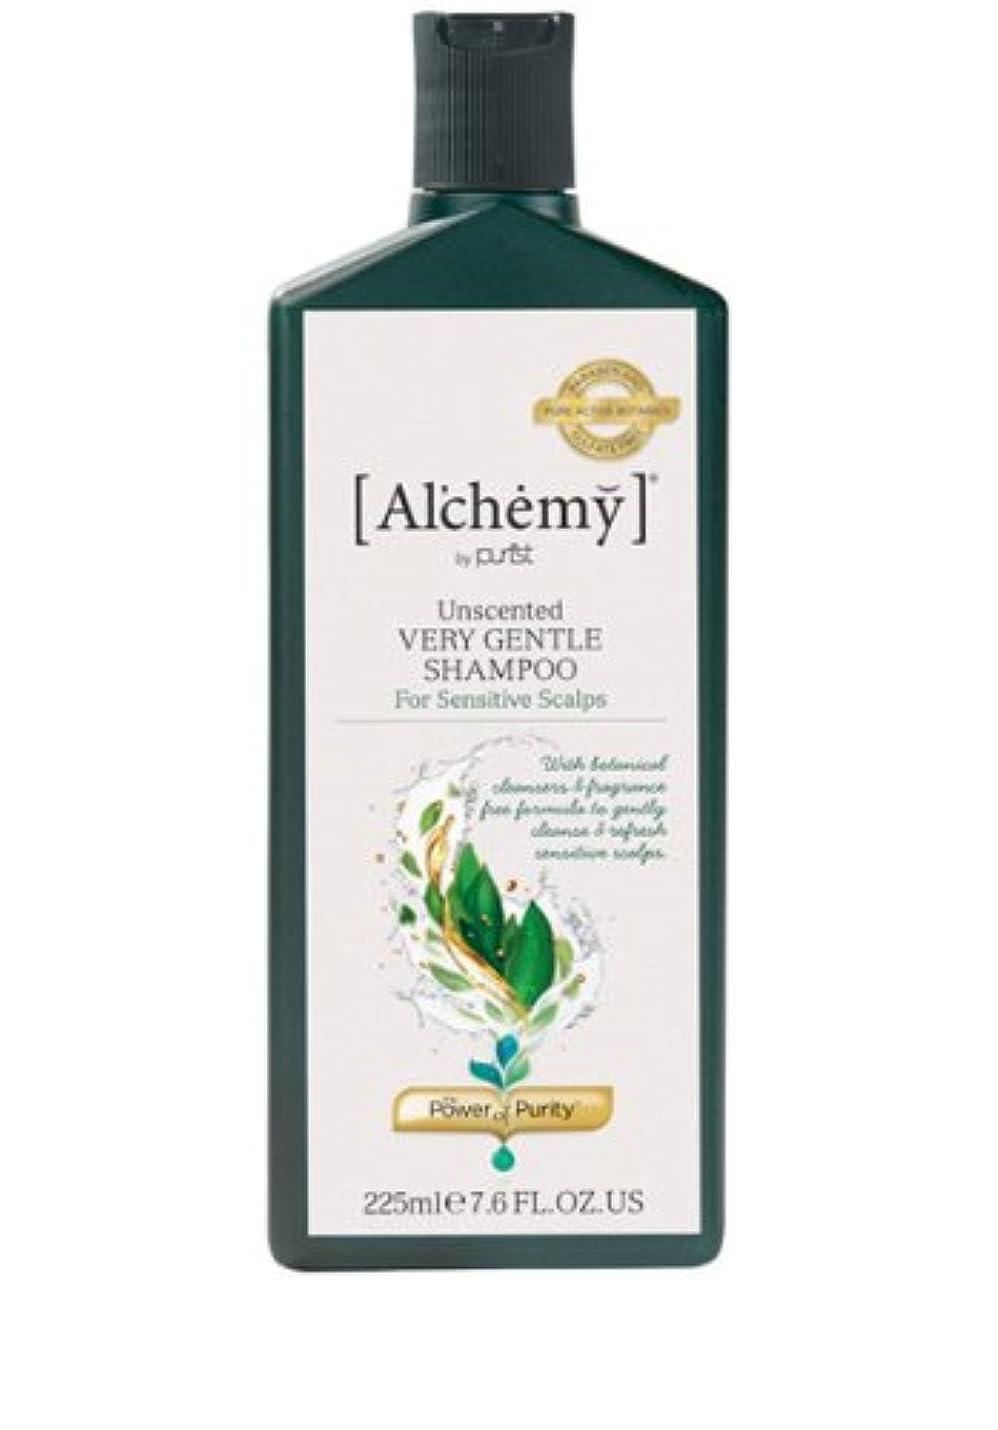 風味資本主義眠り【Al'chemy(alchemy)】アルケミー ベリージェントルシャンプー(Unscented Very Gentle Shampoo)(敏感肌用)225ml